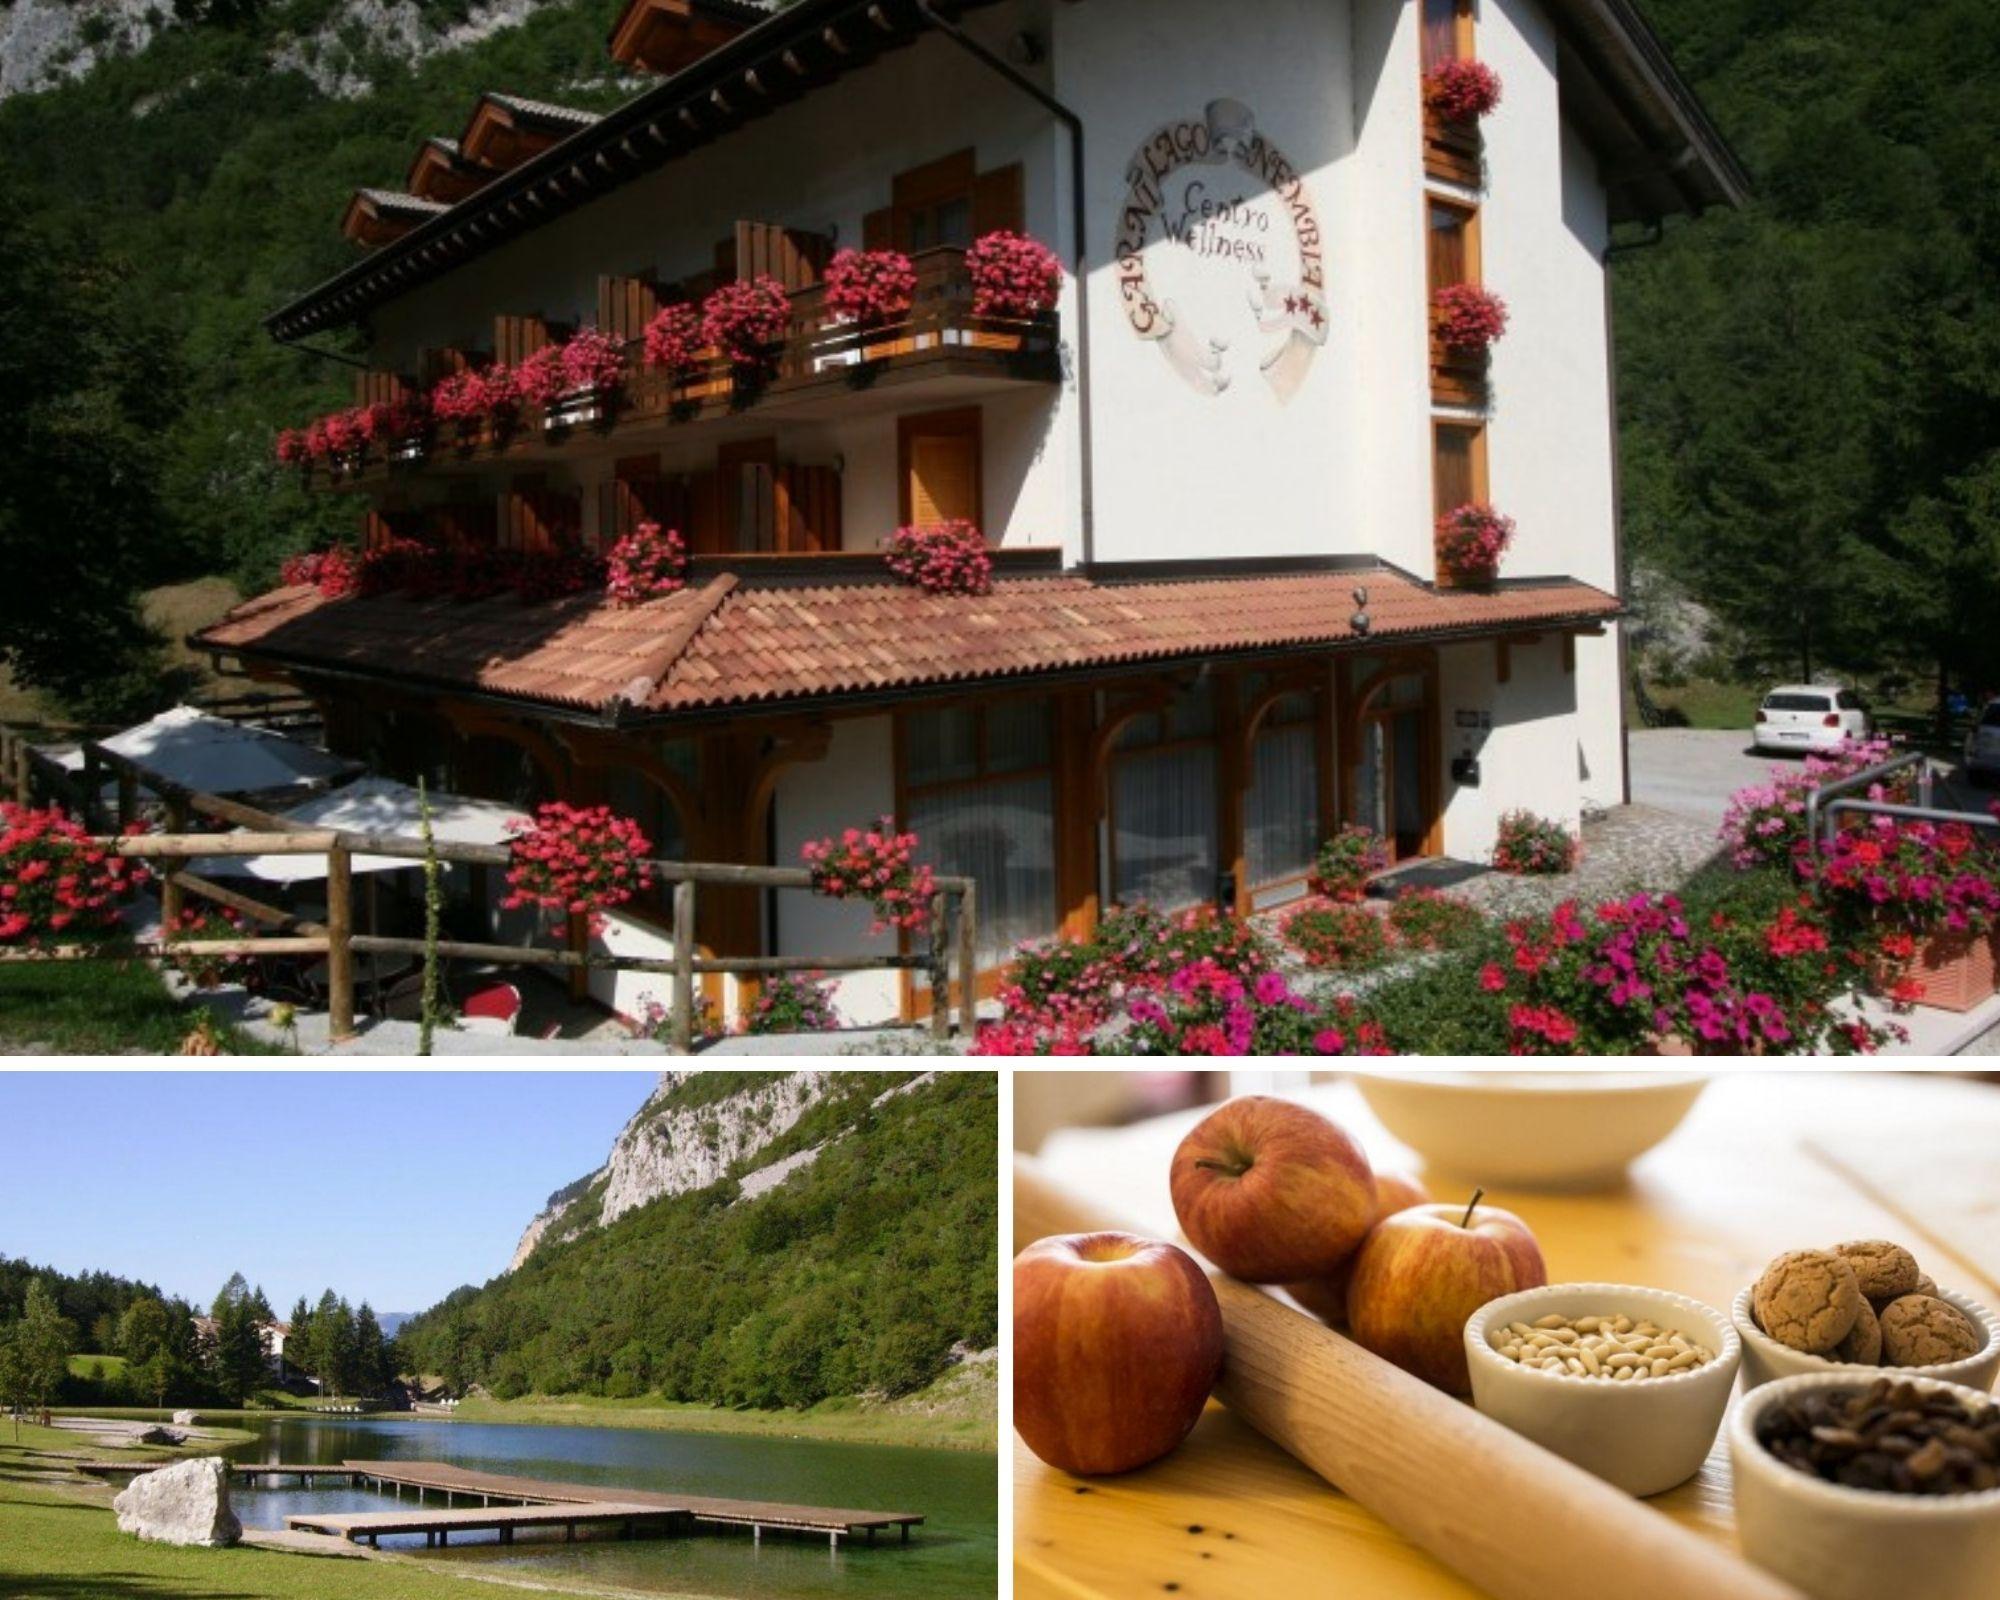 uno dei fantastici hotel sui laghi, Garni lago Nembia